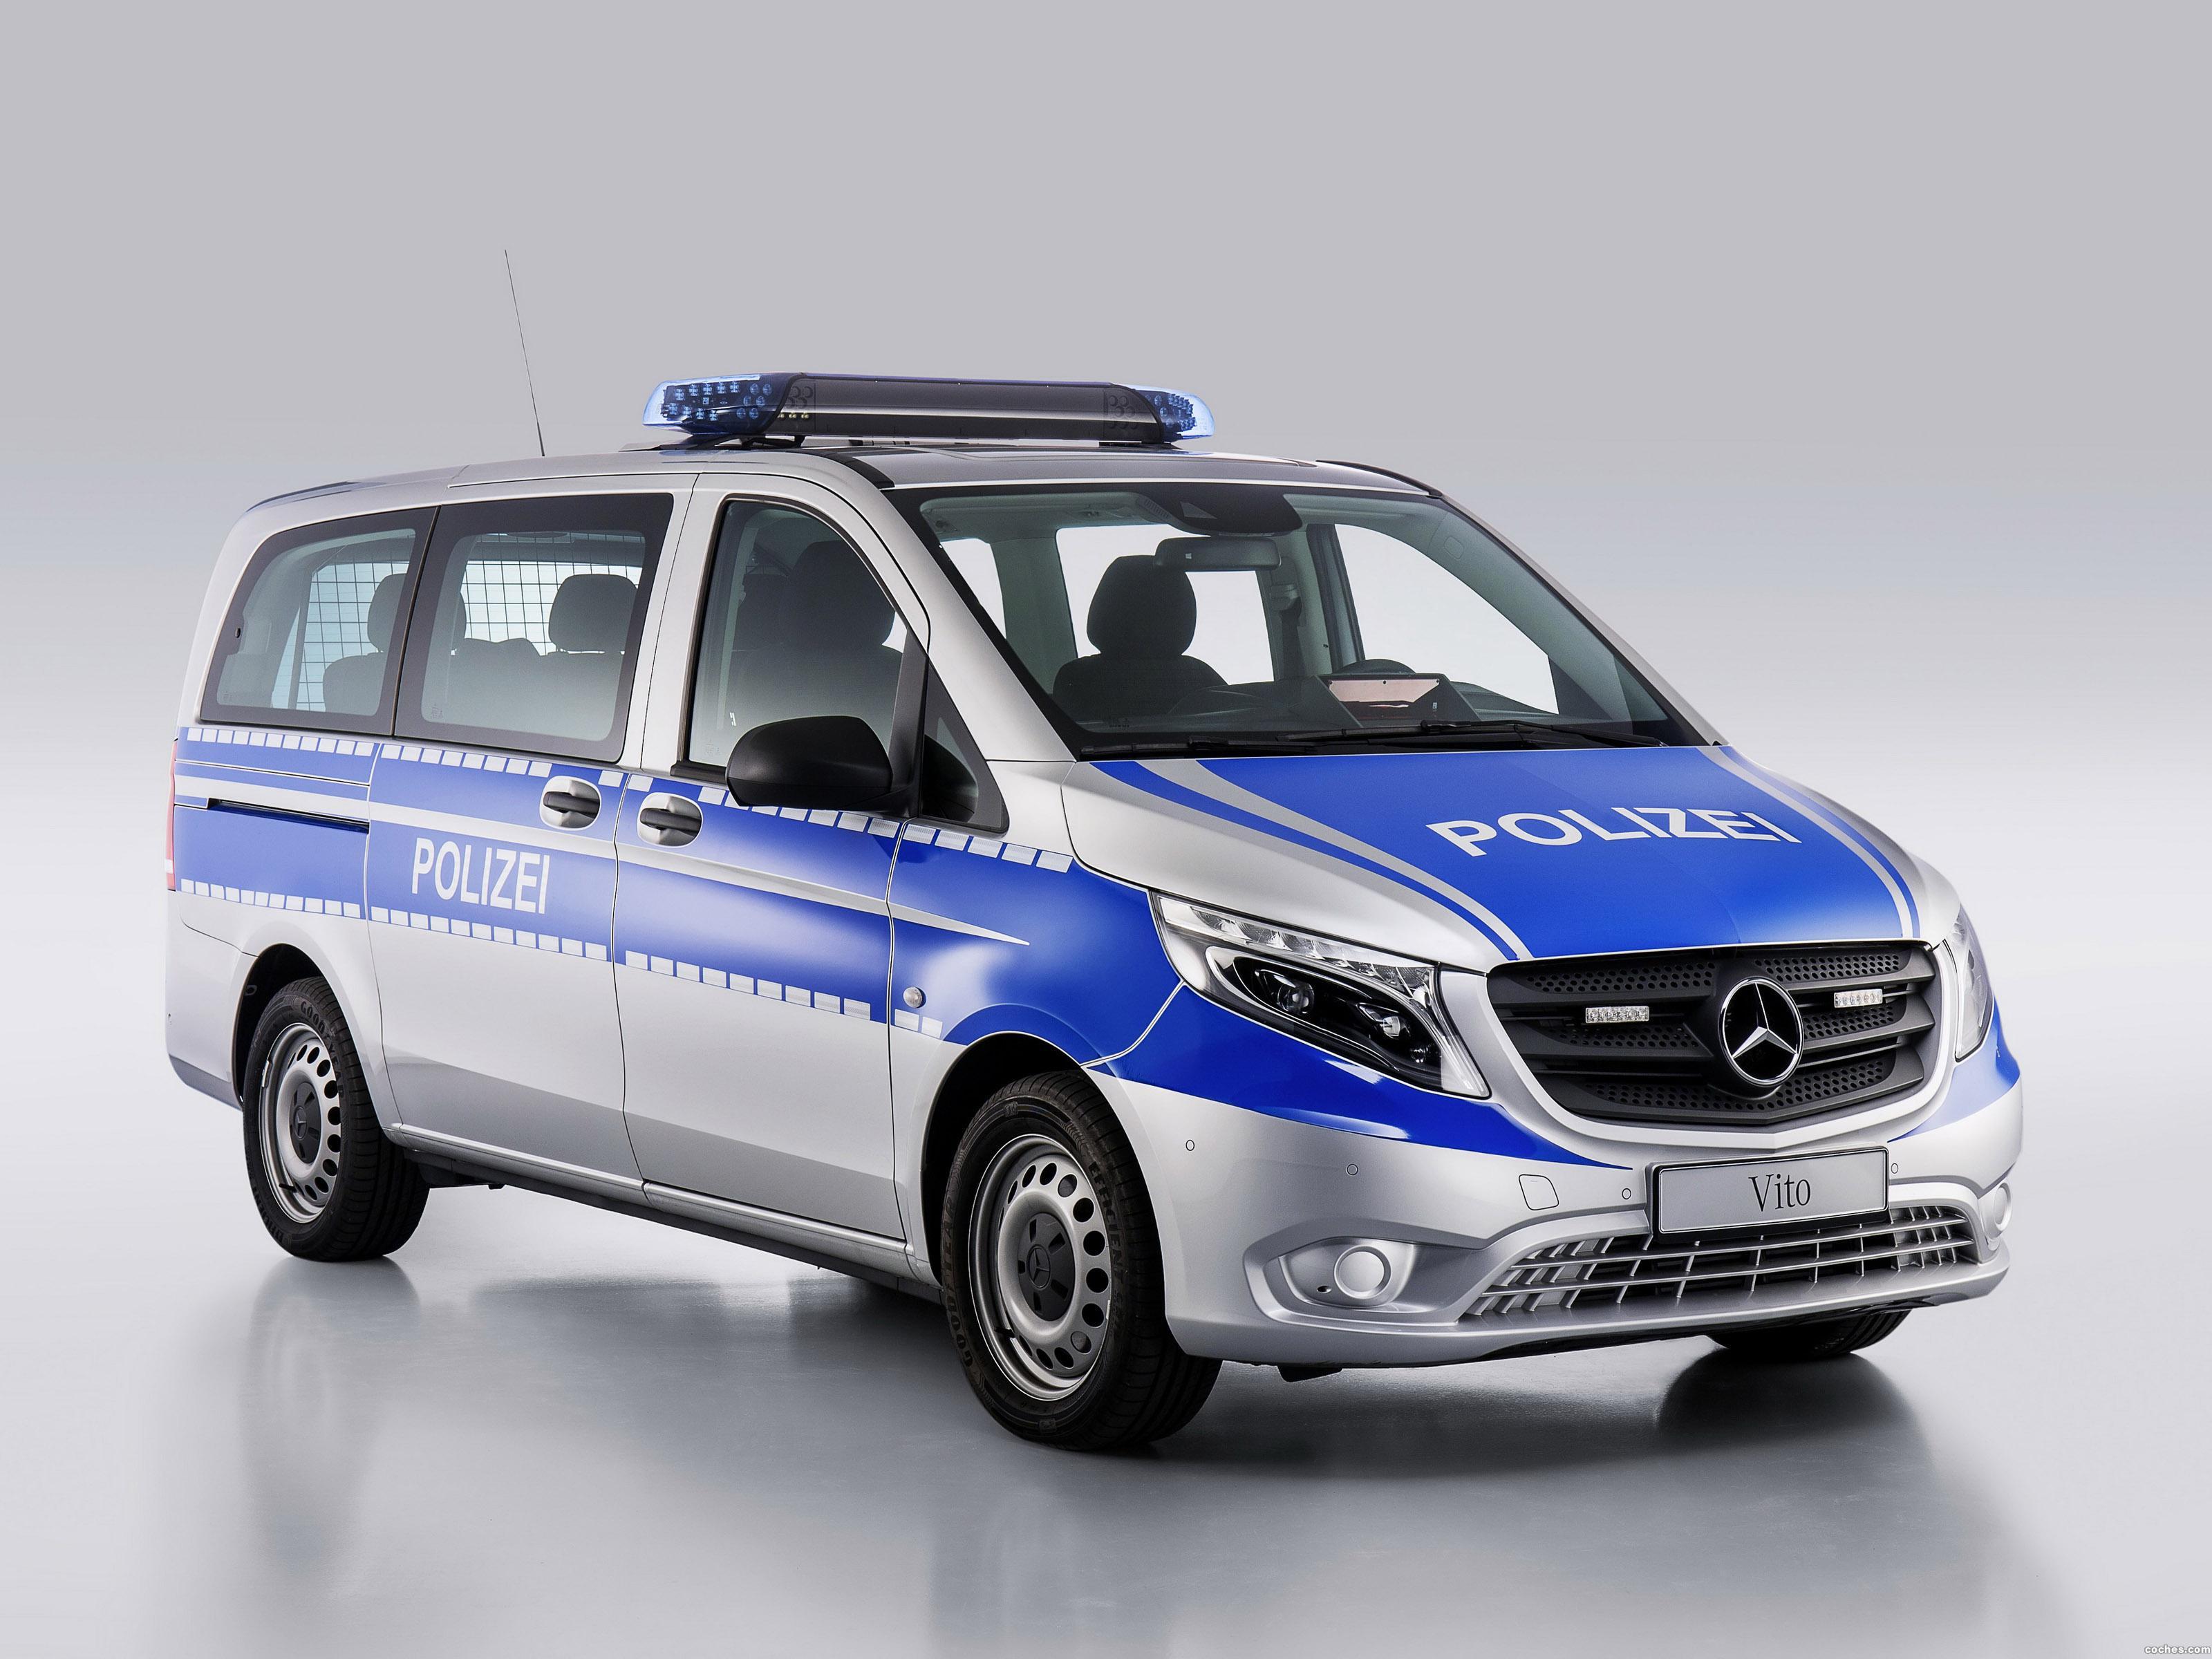 mercedes_vito-119-cdi-polizei-2015_r1.jpg